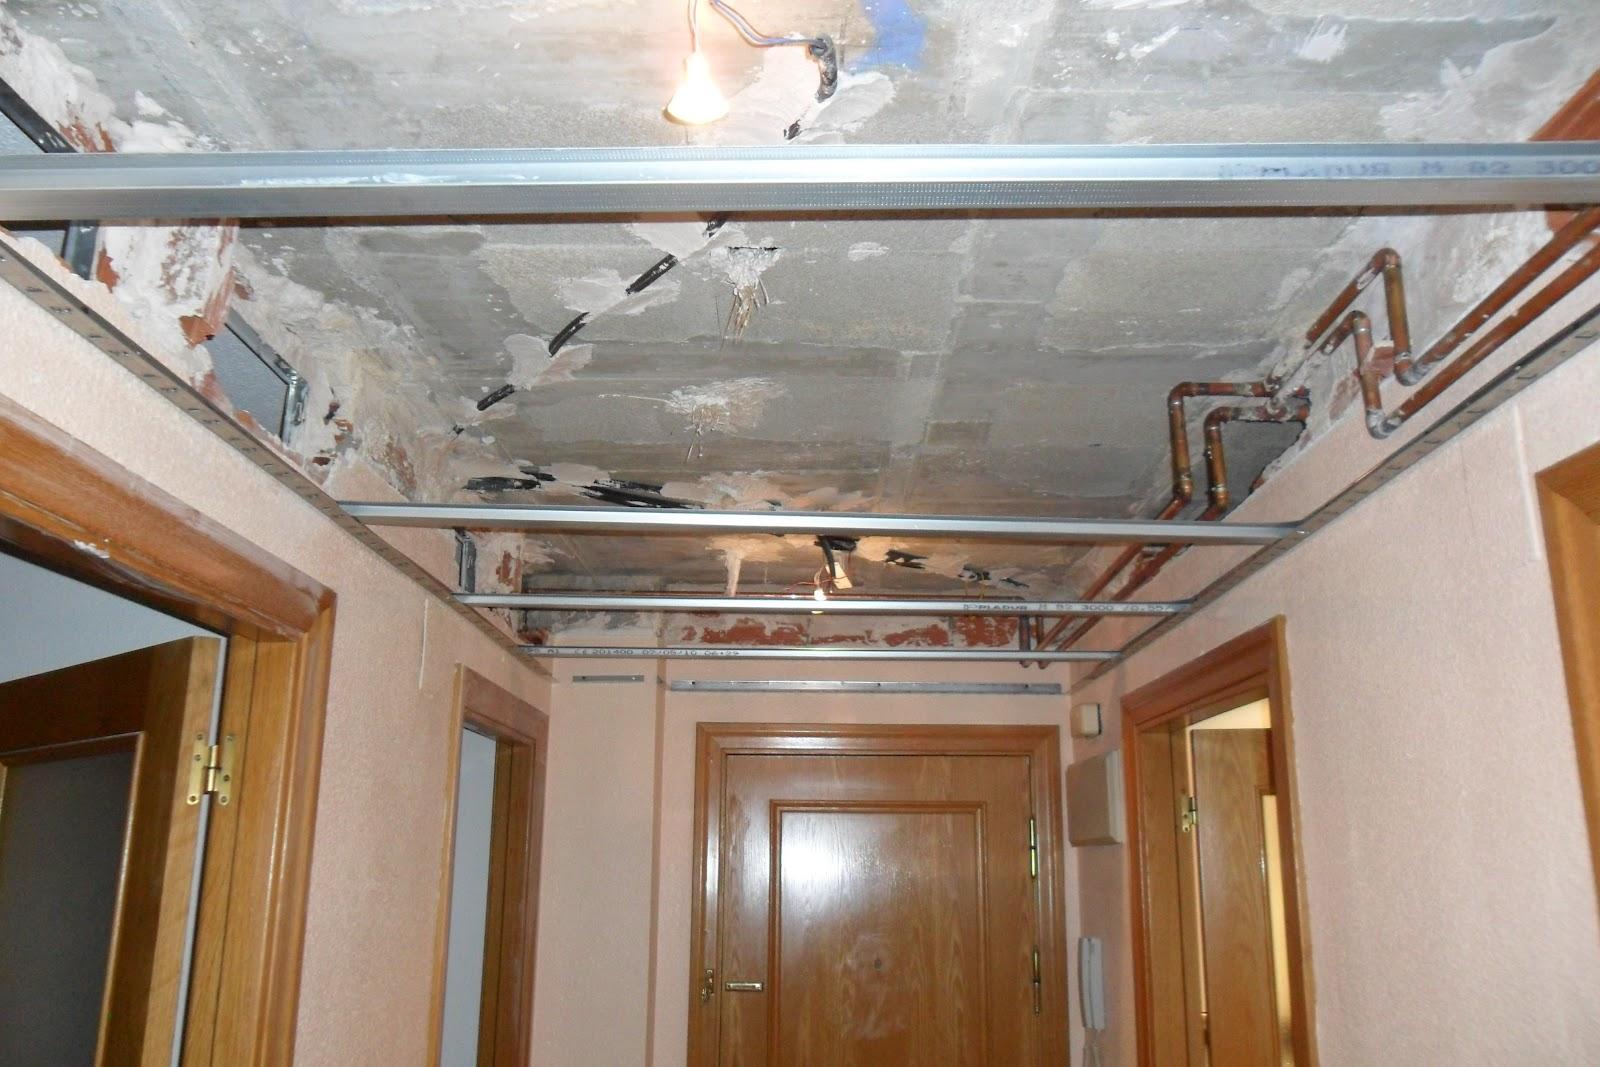 Alicantina de instalaciones m s fotos de orificios de rejillas y orificio de entrada de l neas - Rejillas de ventilacion para banos ...